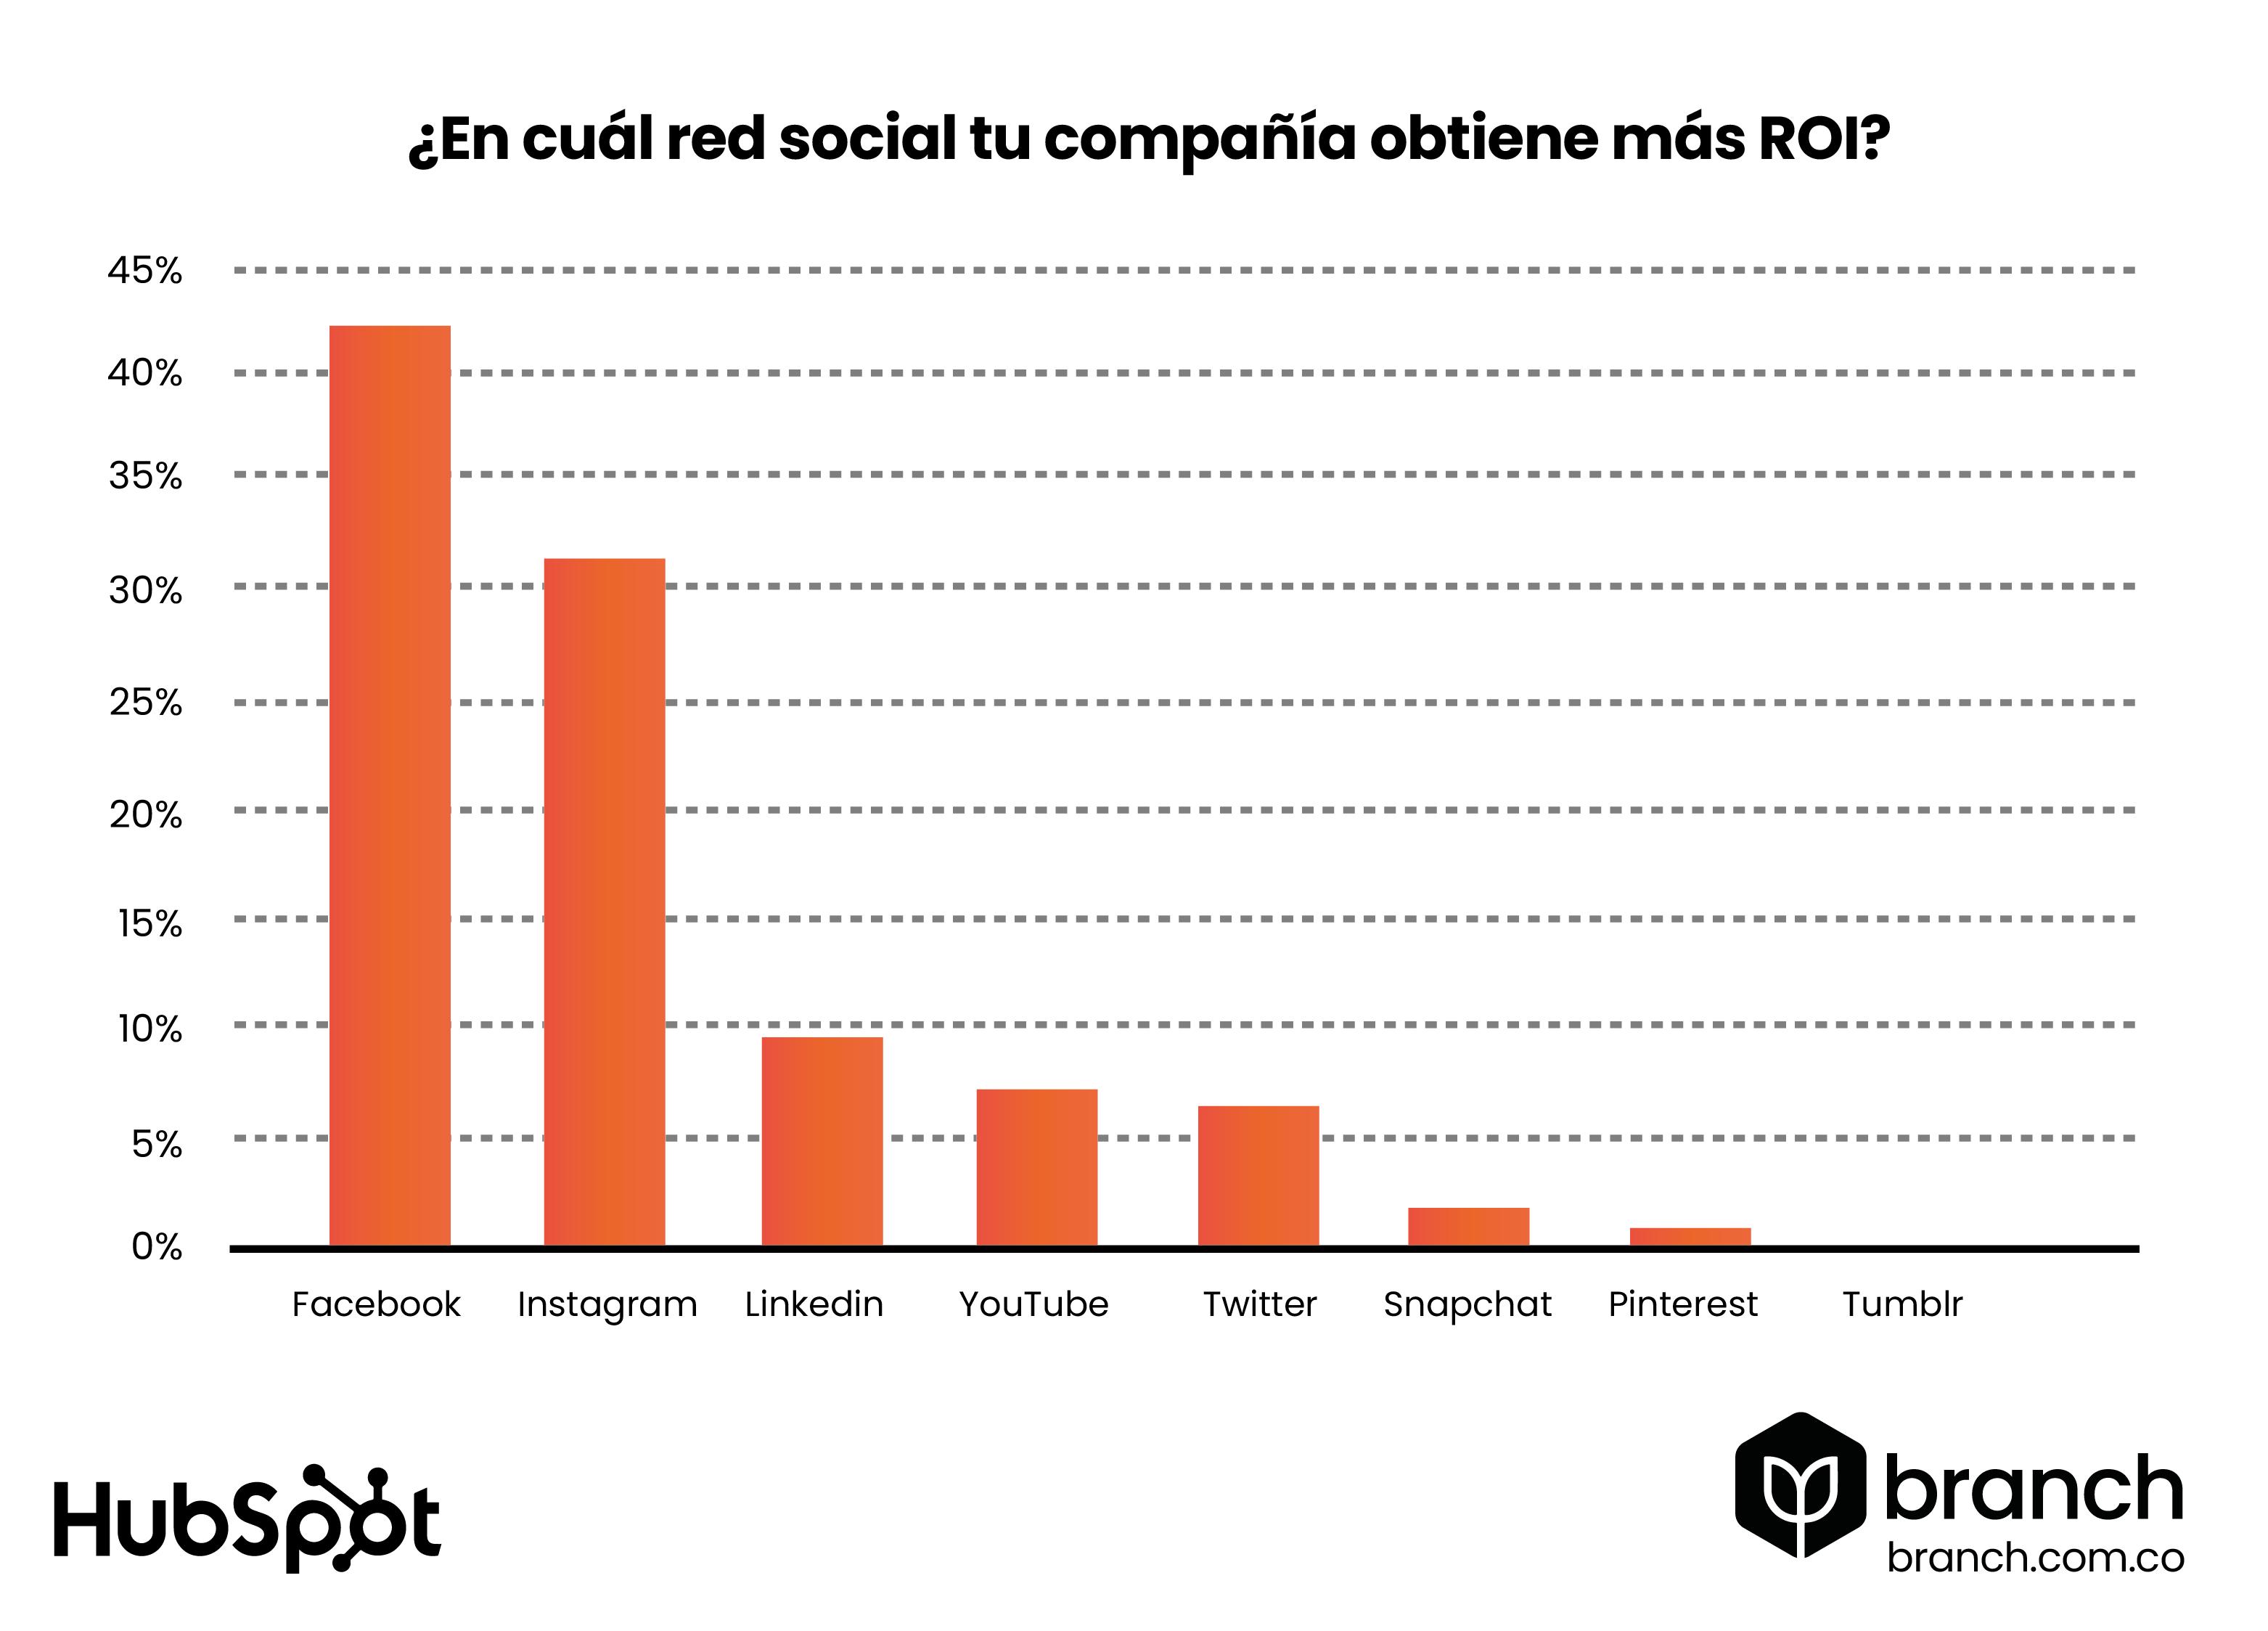 grafico-facebook-es-la-red-social-que-genera-mas-roi